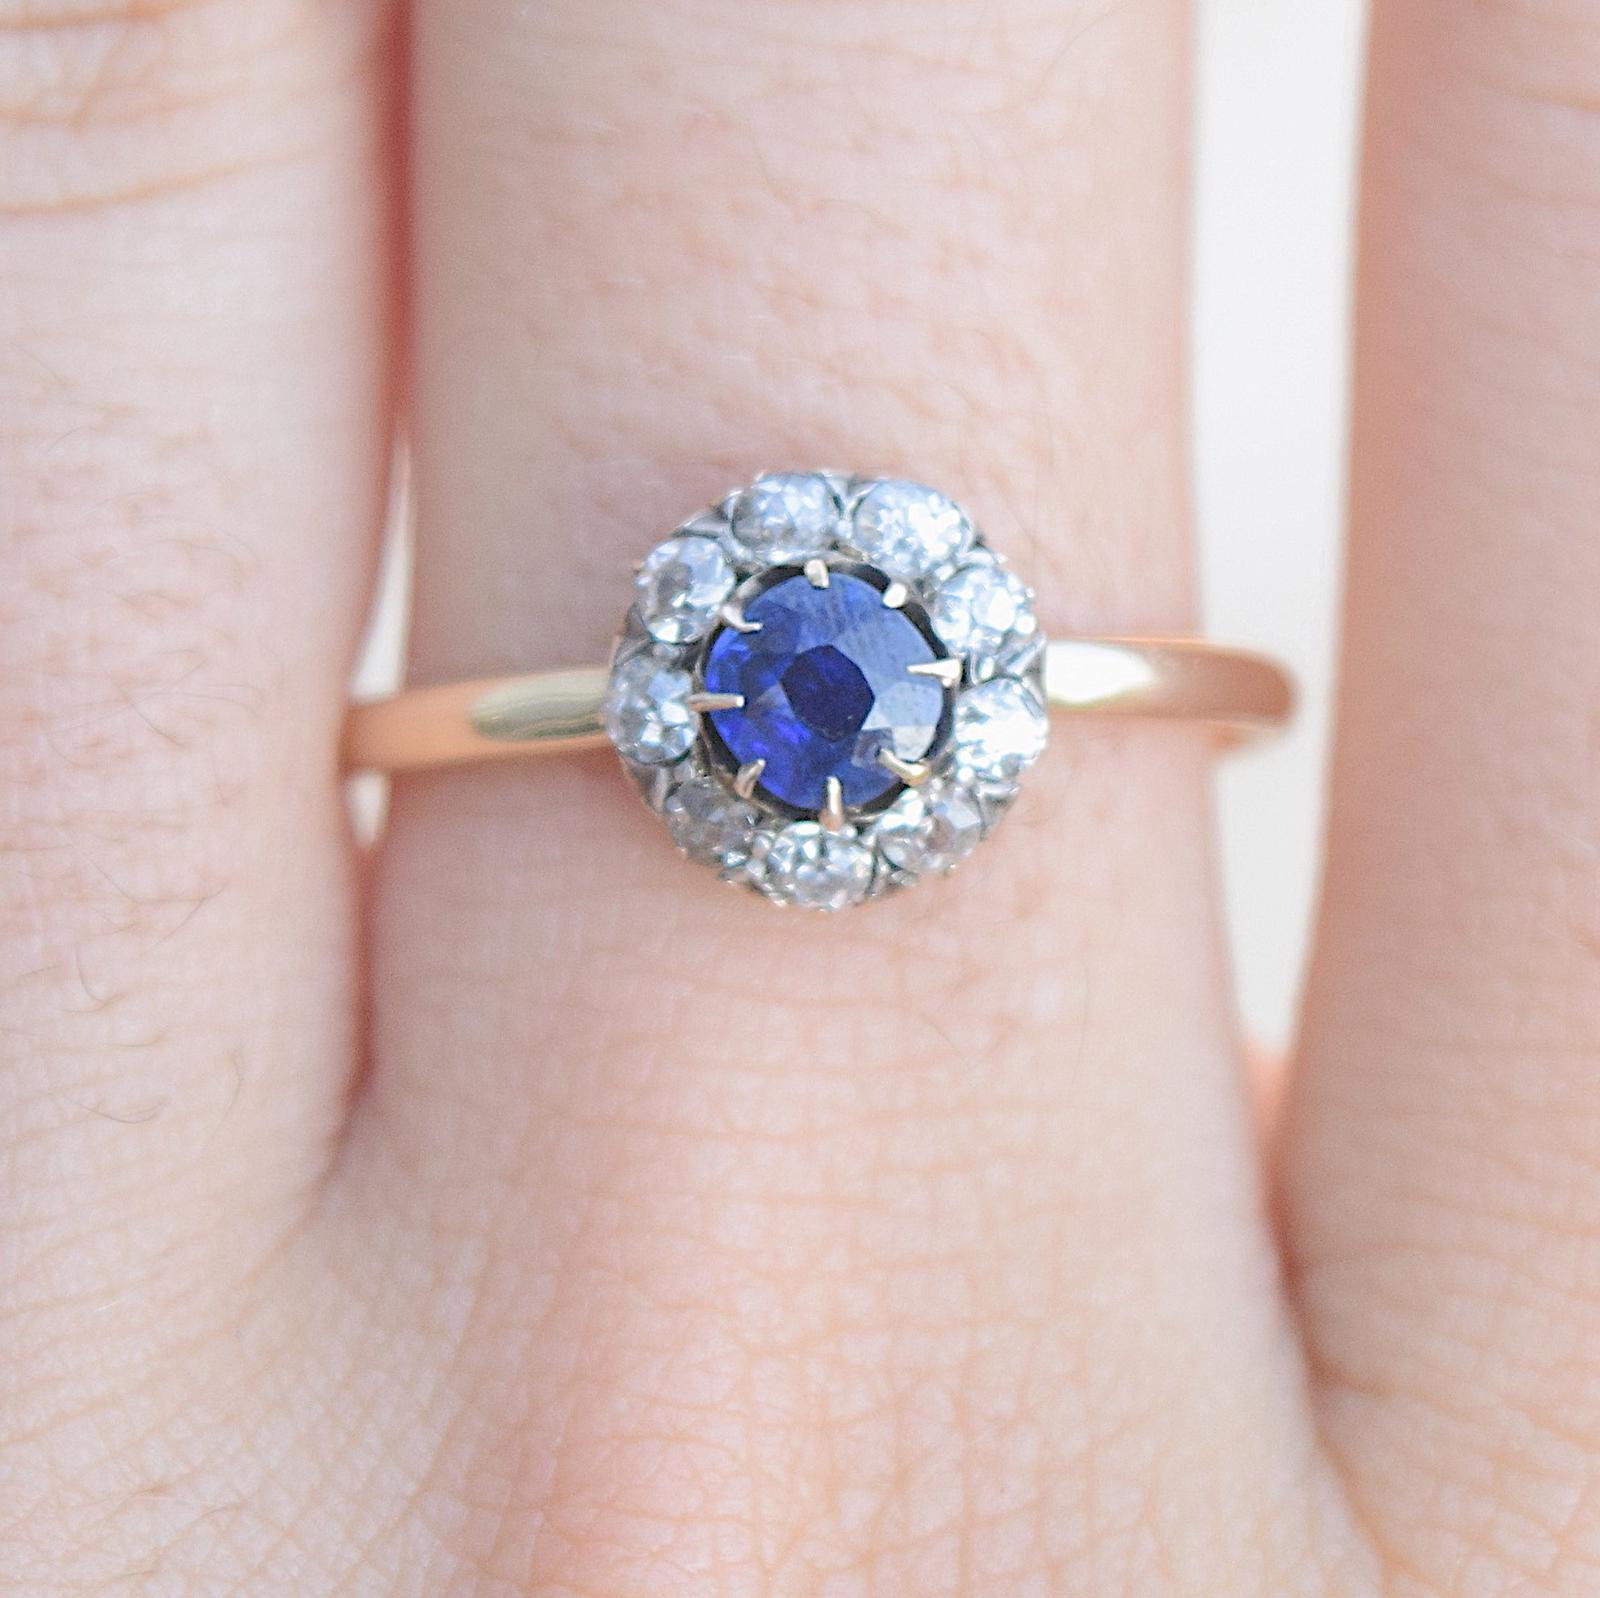 טבעת ויקטוריאנית, זהב וכסף עם ספיר ויהלומים.